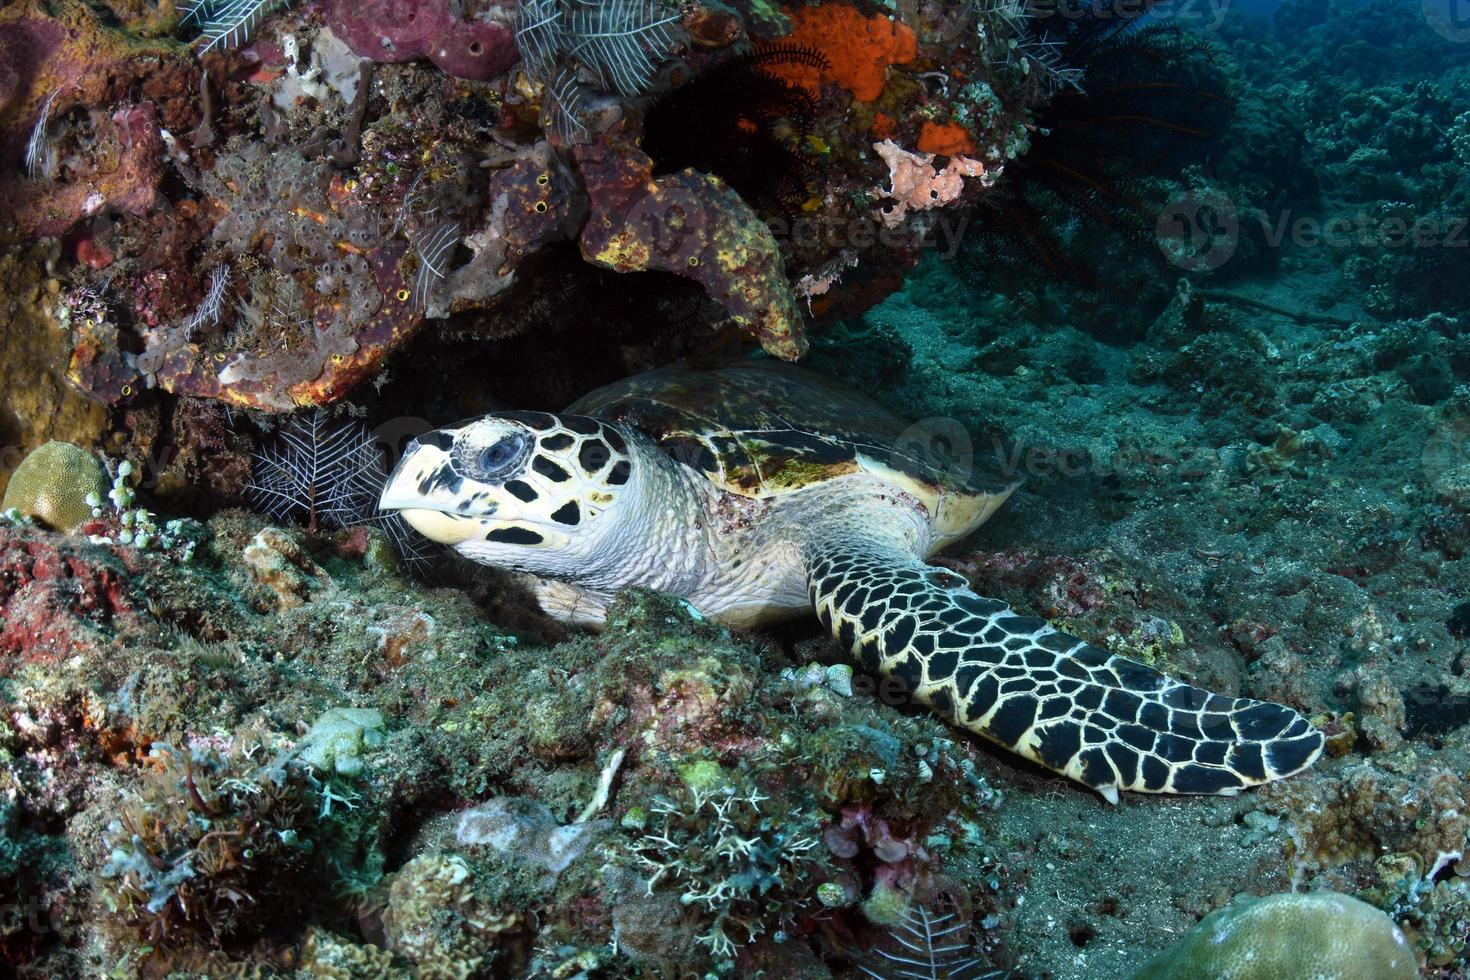 Hawksbill Sea Turtle in the sea photo